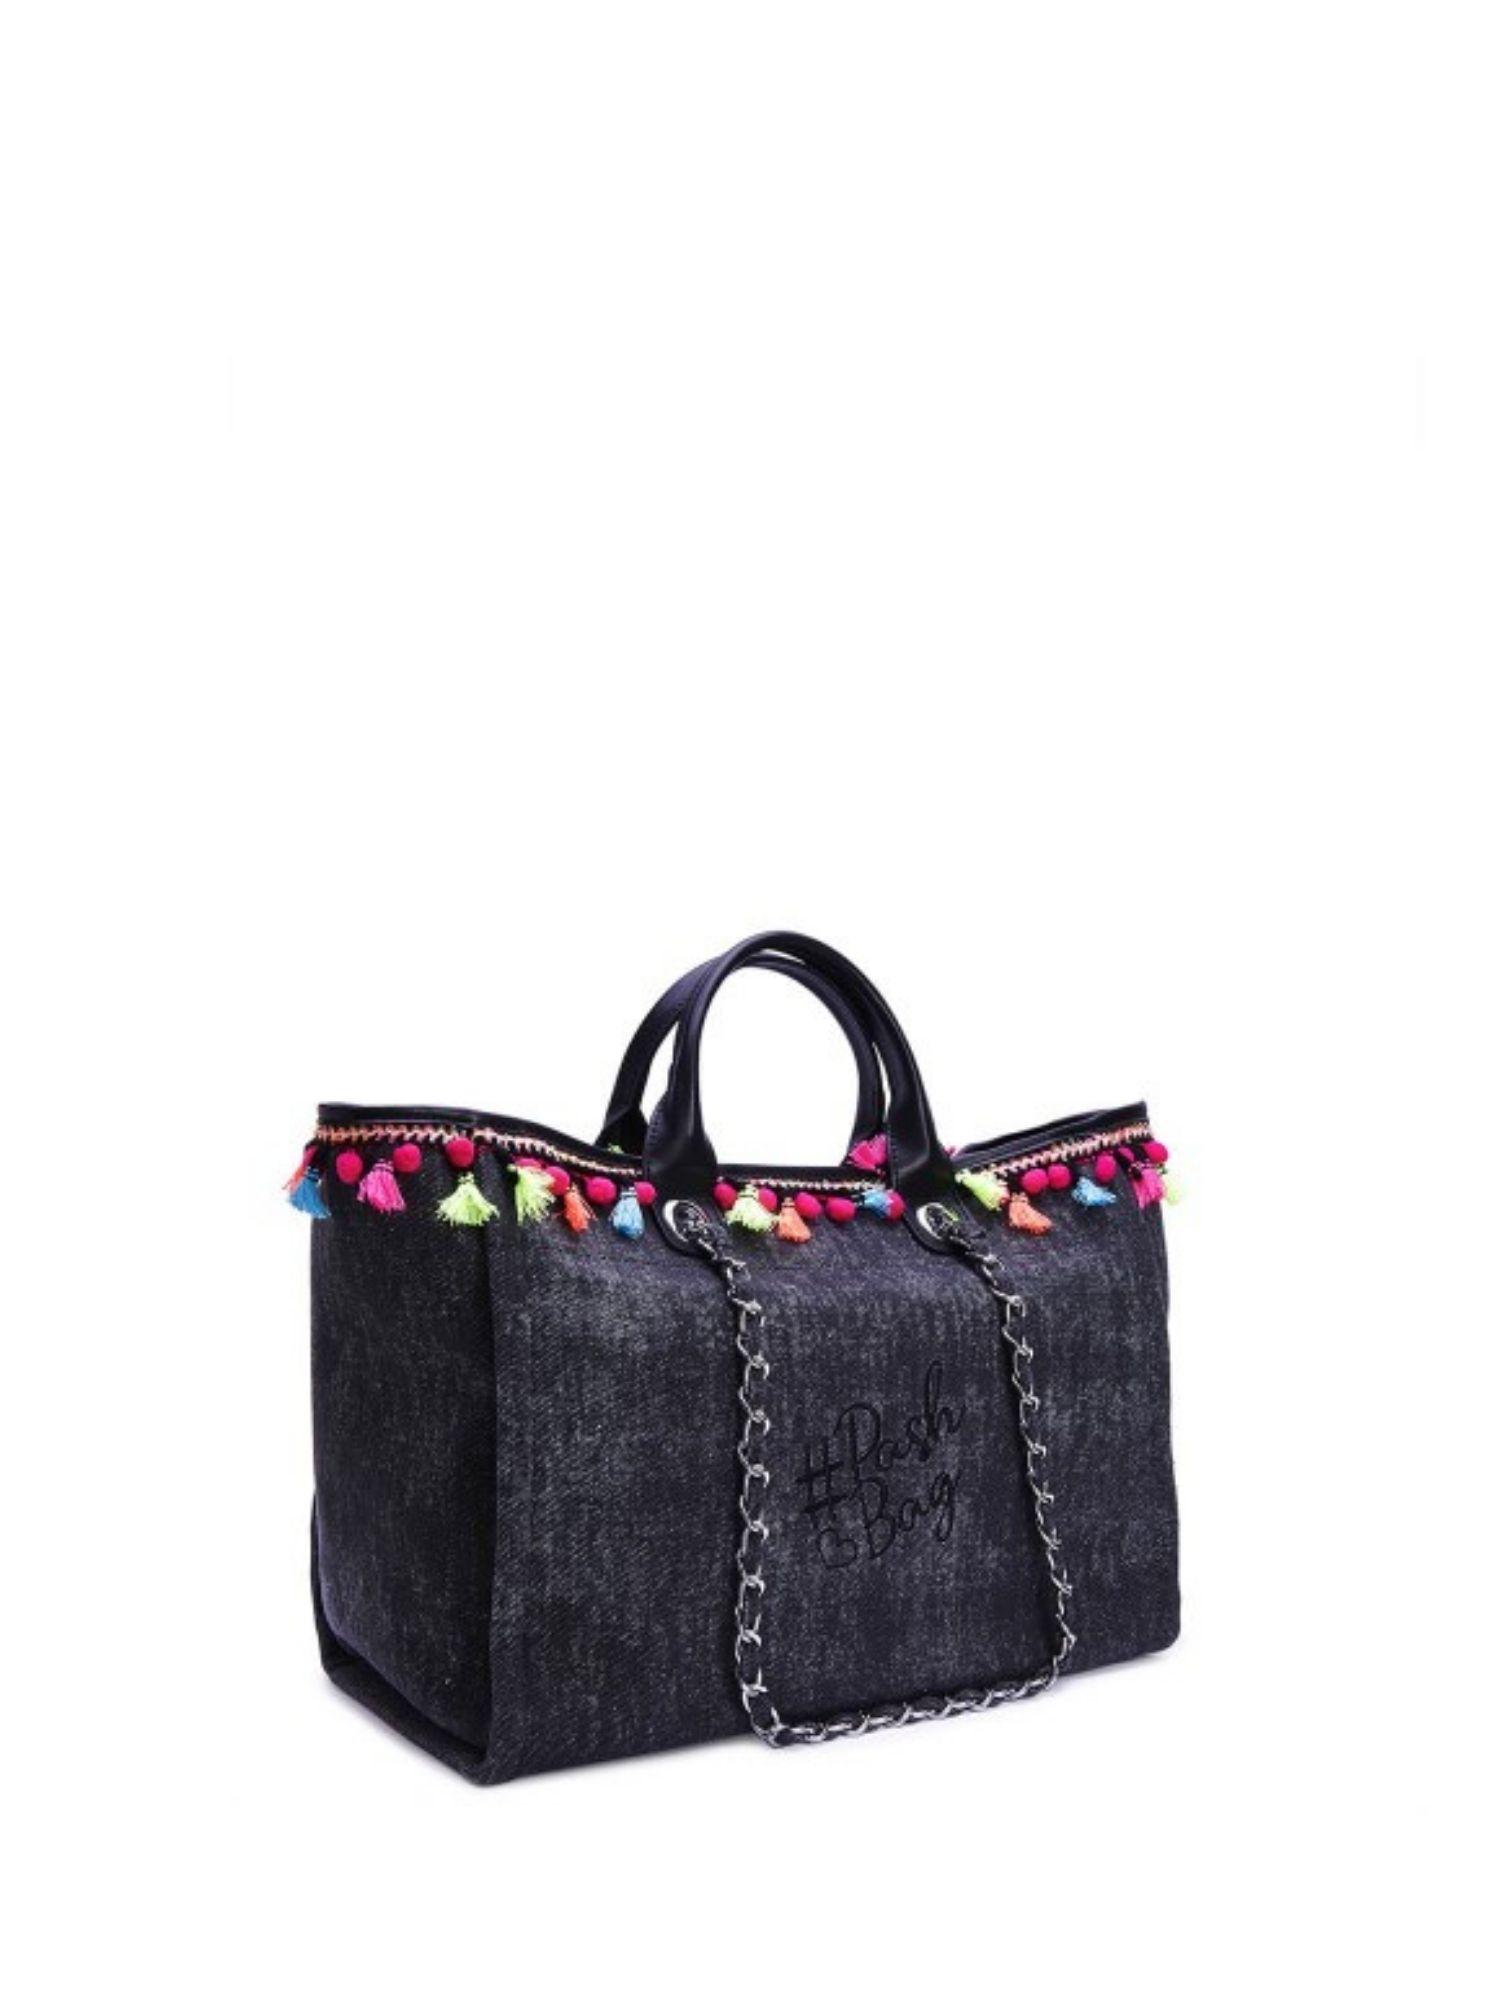 Borsa Atelier Du Sac Pash Bag 9802 Nero 1